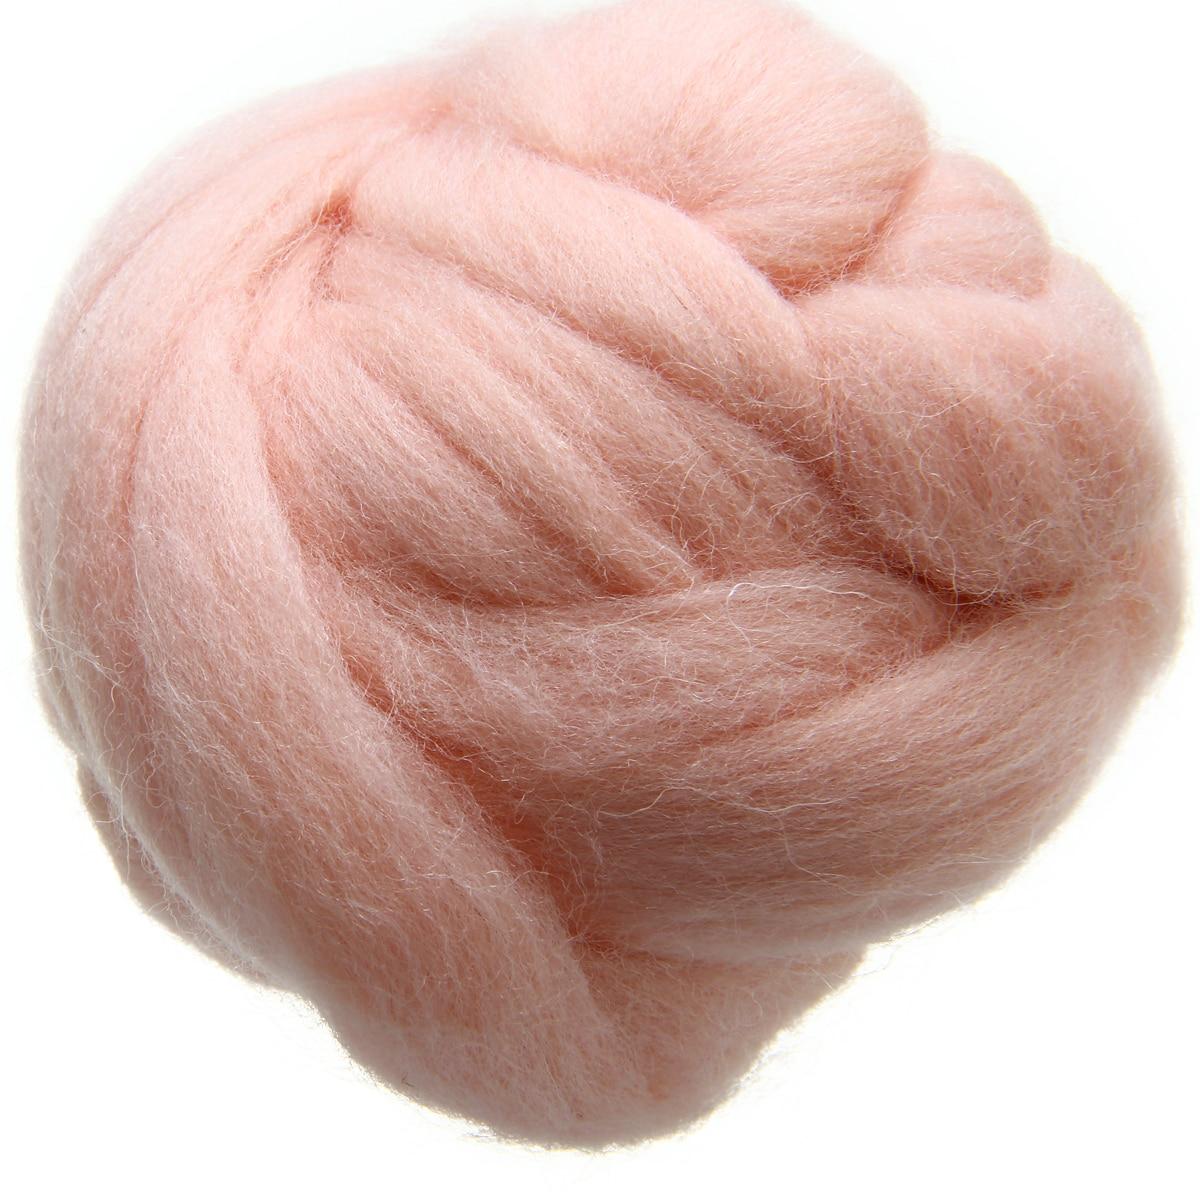 50 กรัมสีชมพูอ่อน Merino - ศิลปะงานฝีมือและการตัดเย็บ